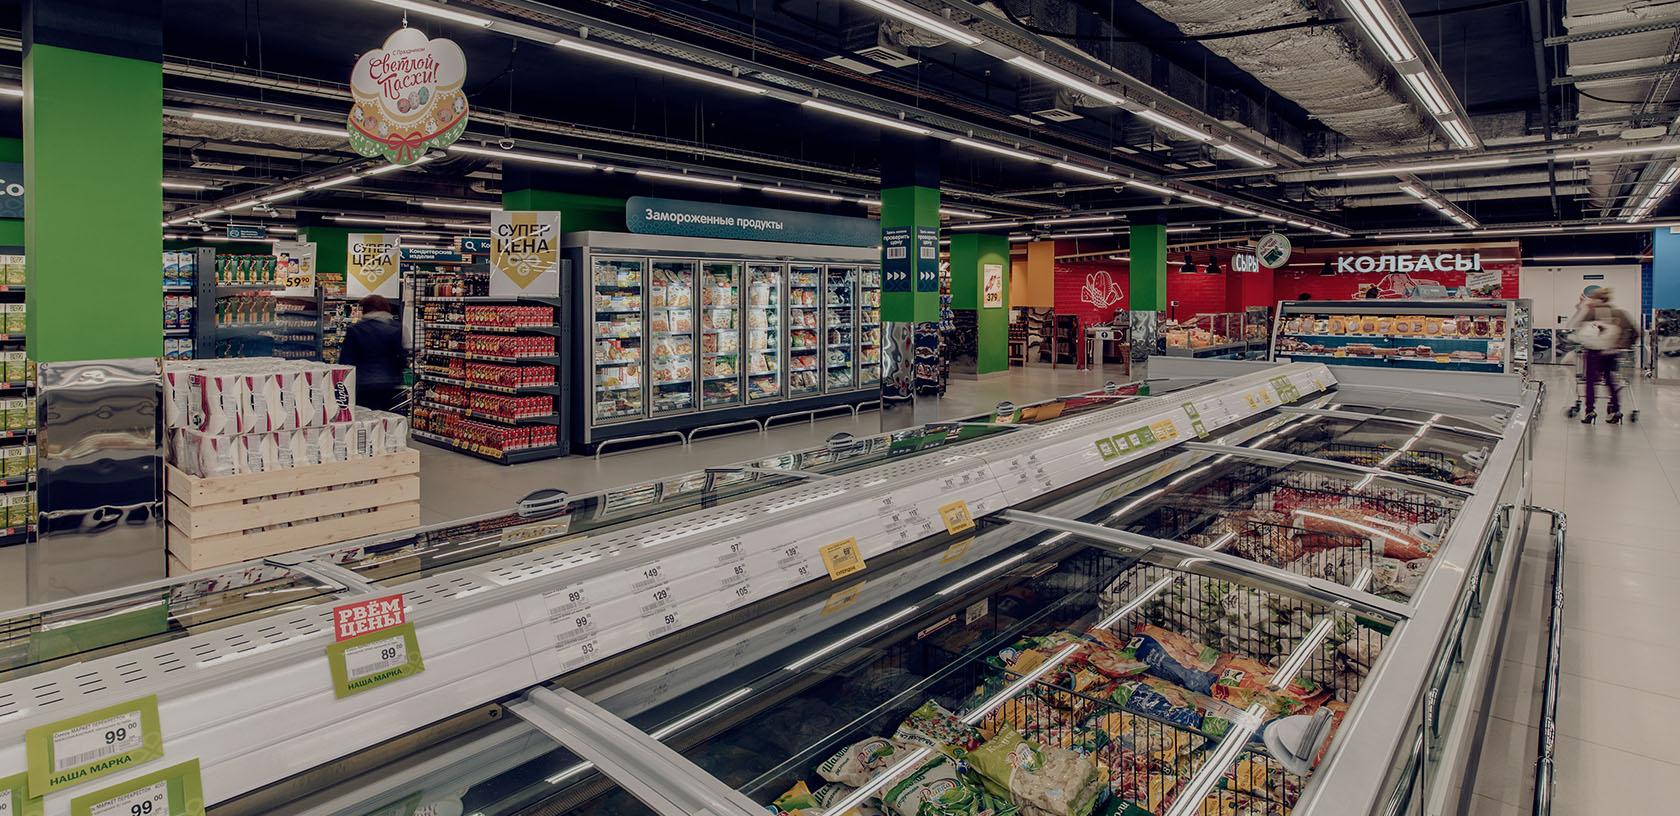 Холодильные бонеты в супермаркете перекресток, Владимир